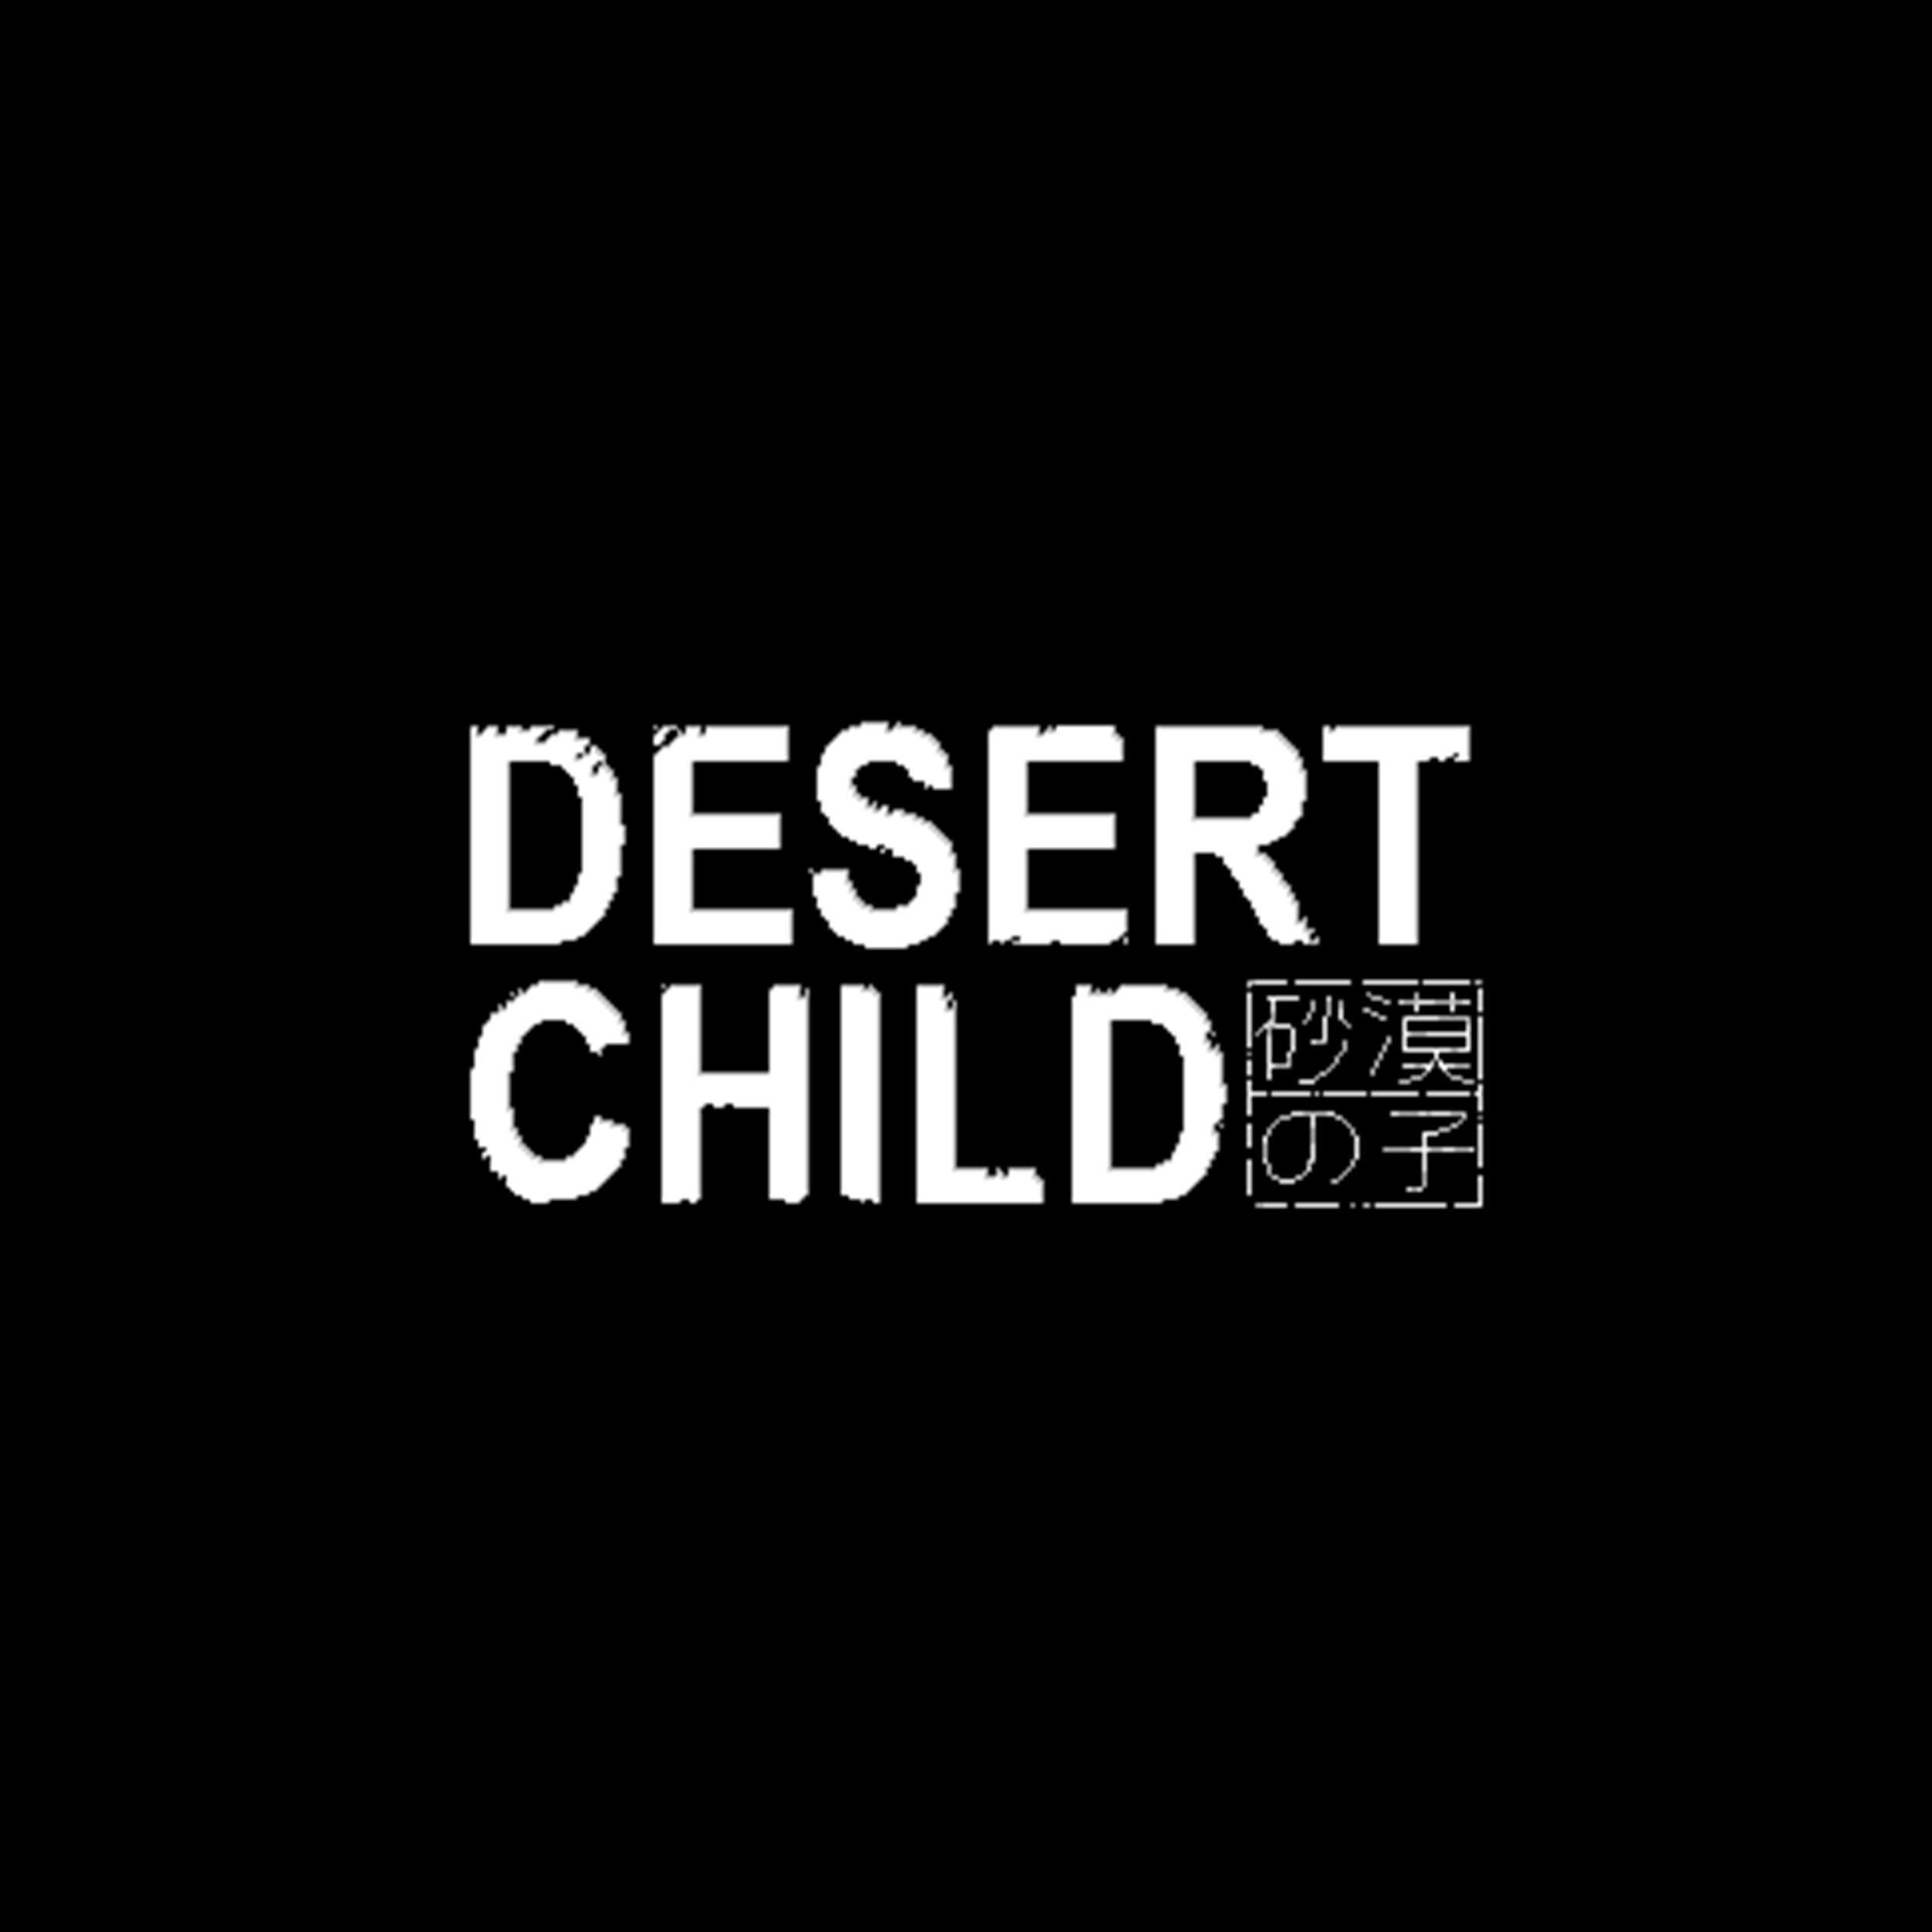 Desert Child logo